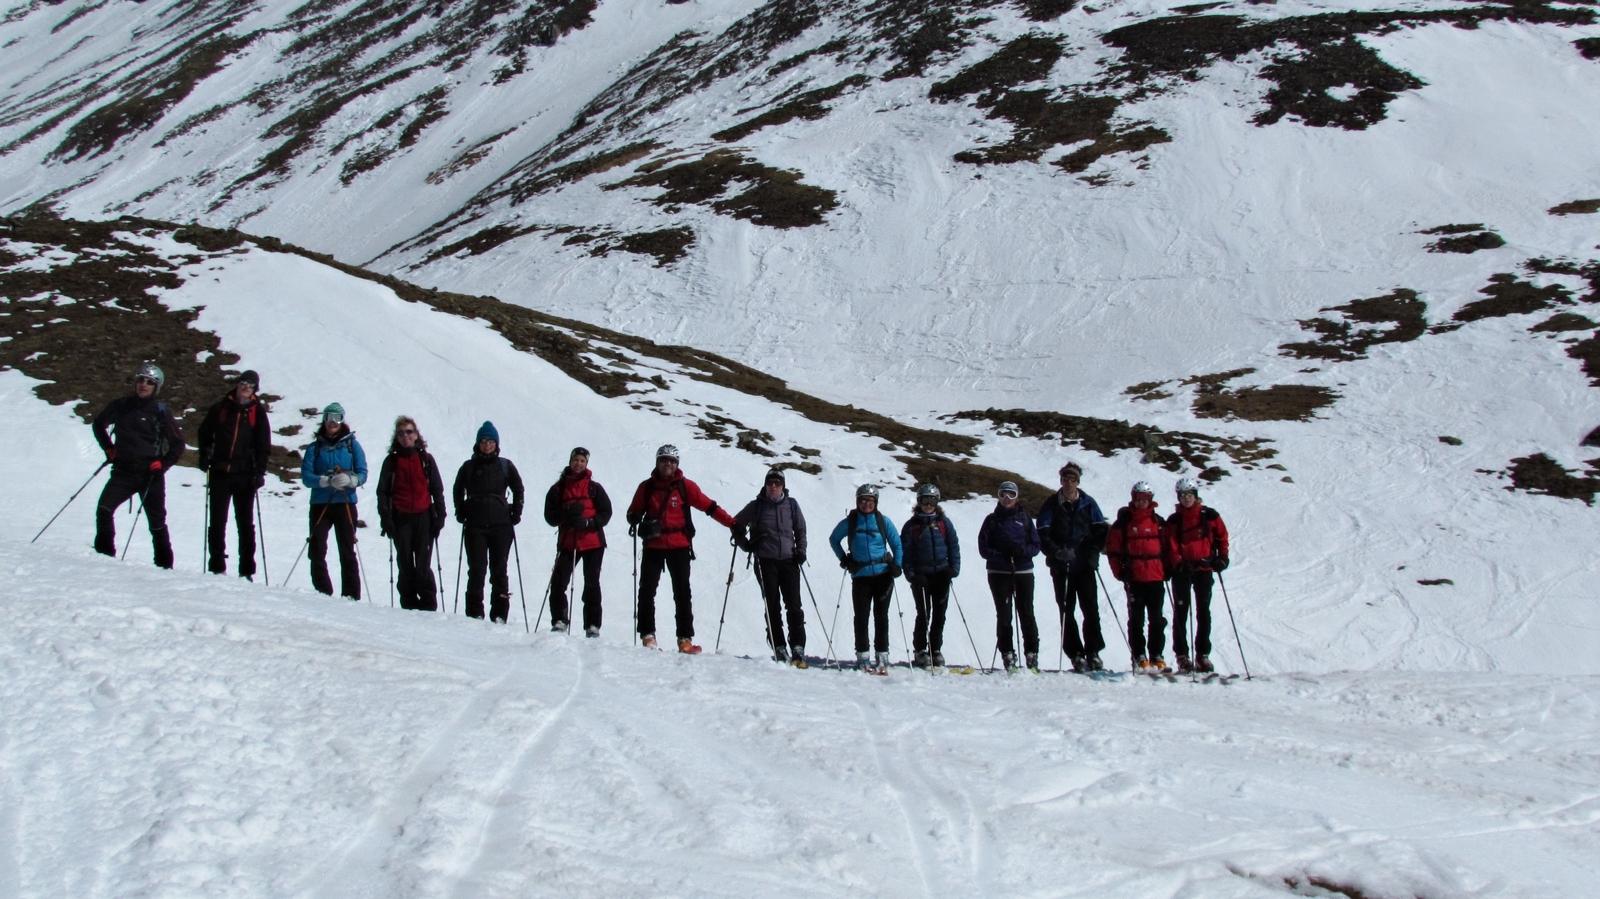 AV Jugendskitour in Kals